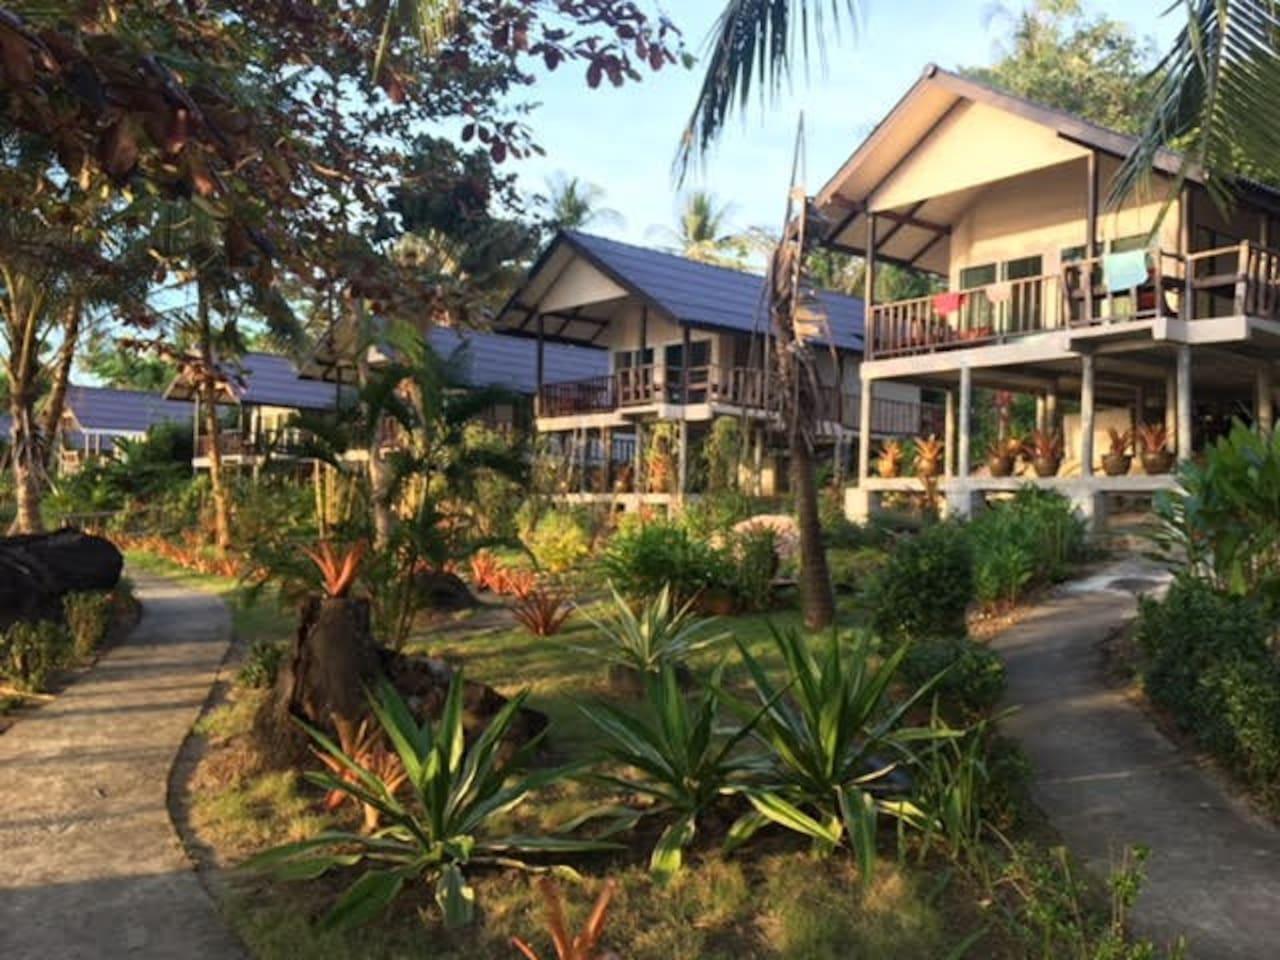 Incredible Sea View Villa on Beach Front บังกะโล 1 ห้องนอน 1 ห้องน้ำส่วนตัว ขนาด 60 ตร.ม. – หาดคลองเจ้า